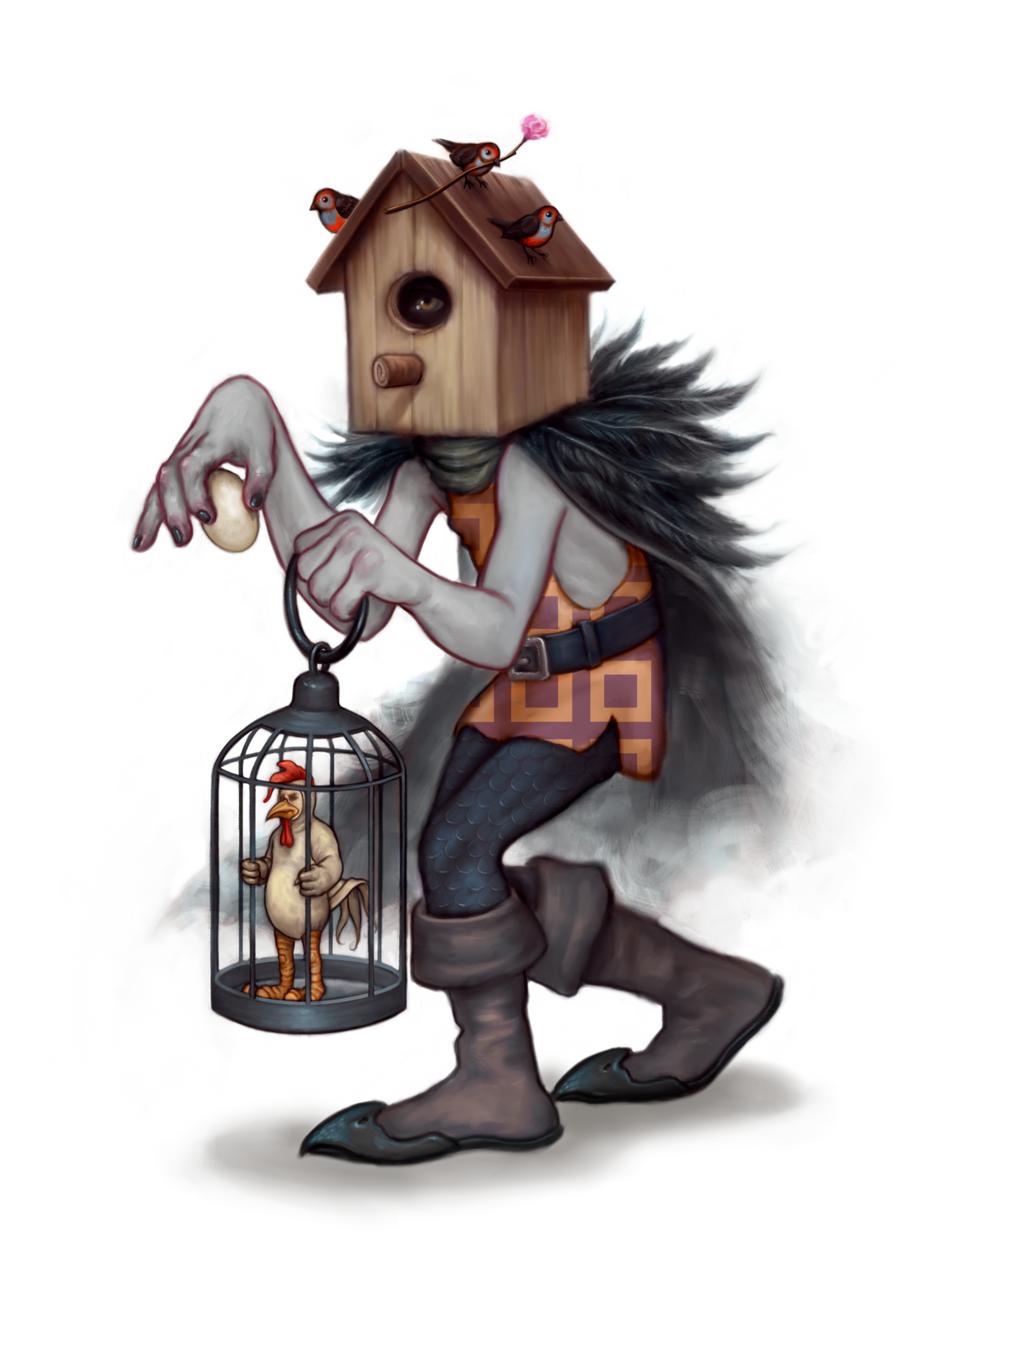 Birdwatcher by DanielKarlsson